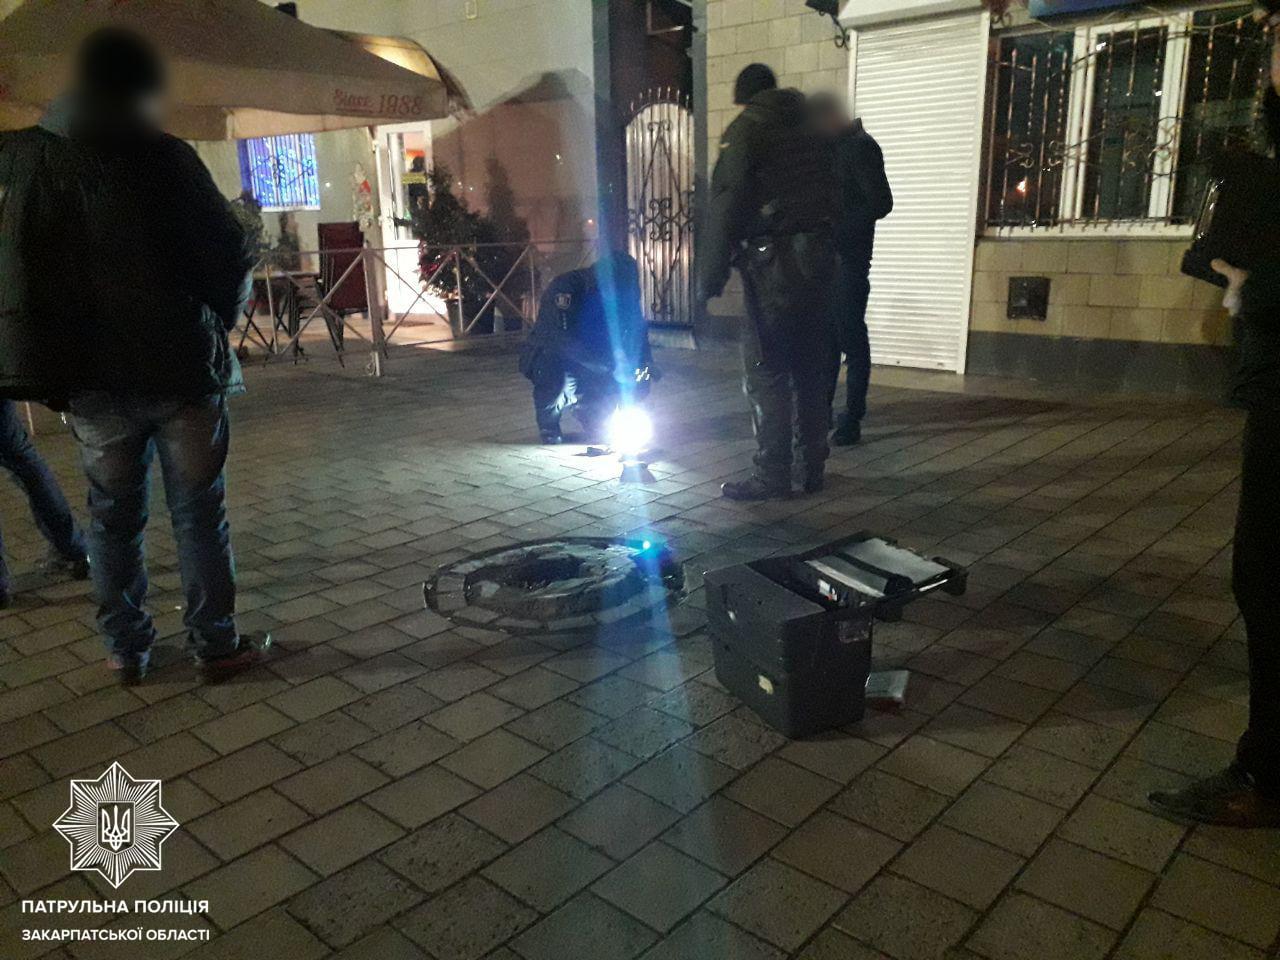 Стрілянина в Ужгороді: правоохоронці затримали причетного чоловіка